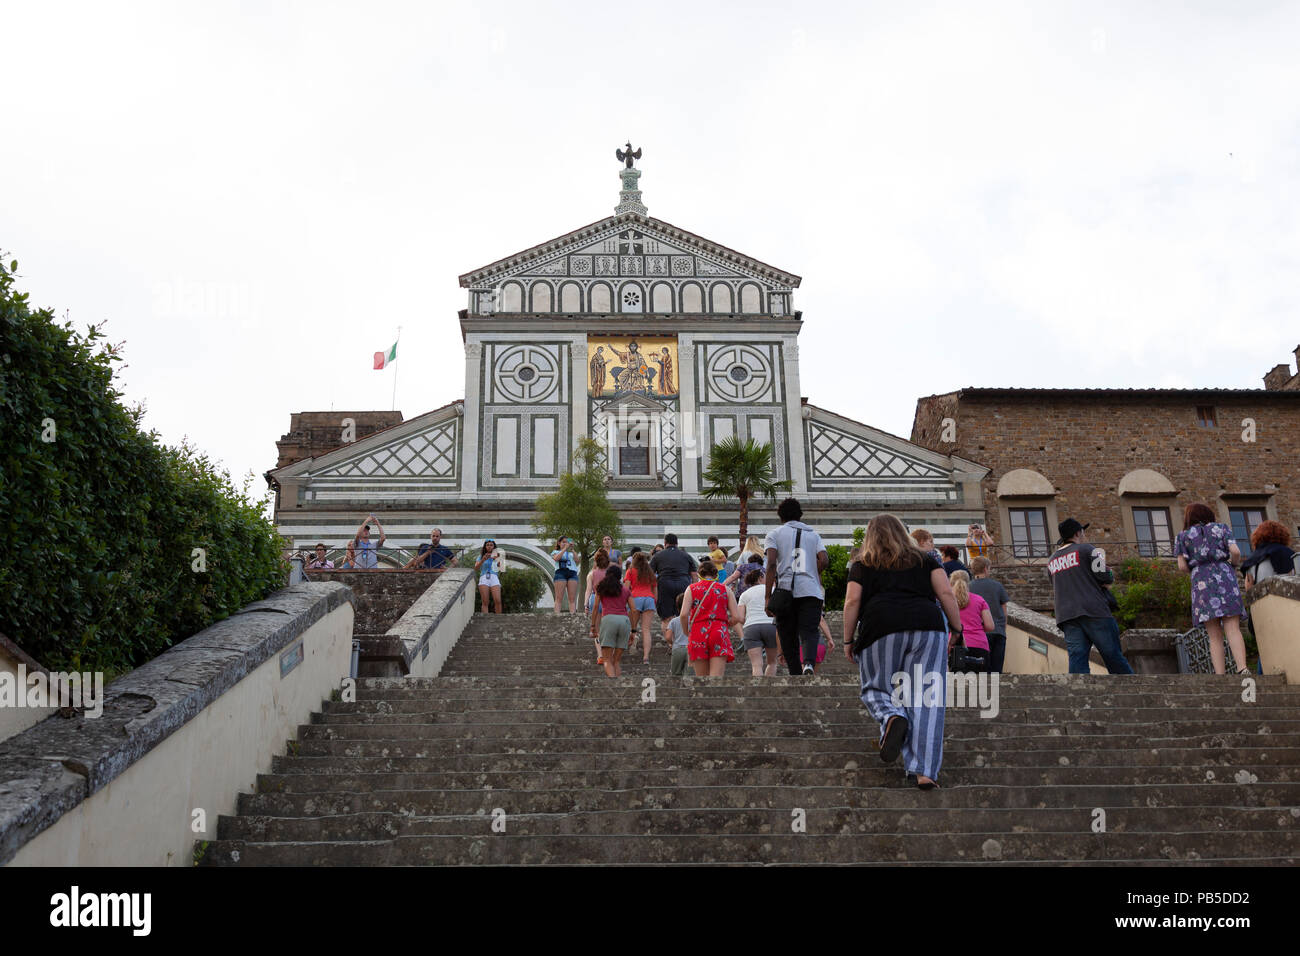 La iglesia de San Miniato al Monte (Florencia, Italia). Su fachada, que datan del siglo XII th - es de un estilo excepcional. Foto de stock